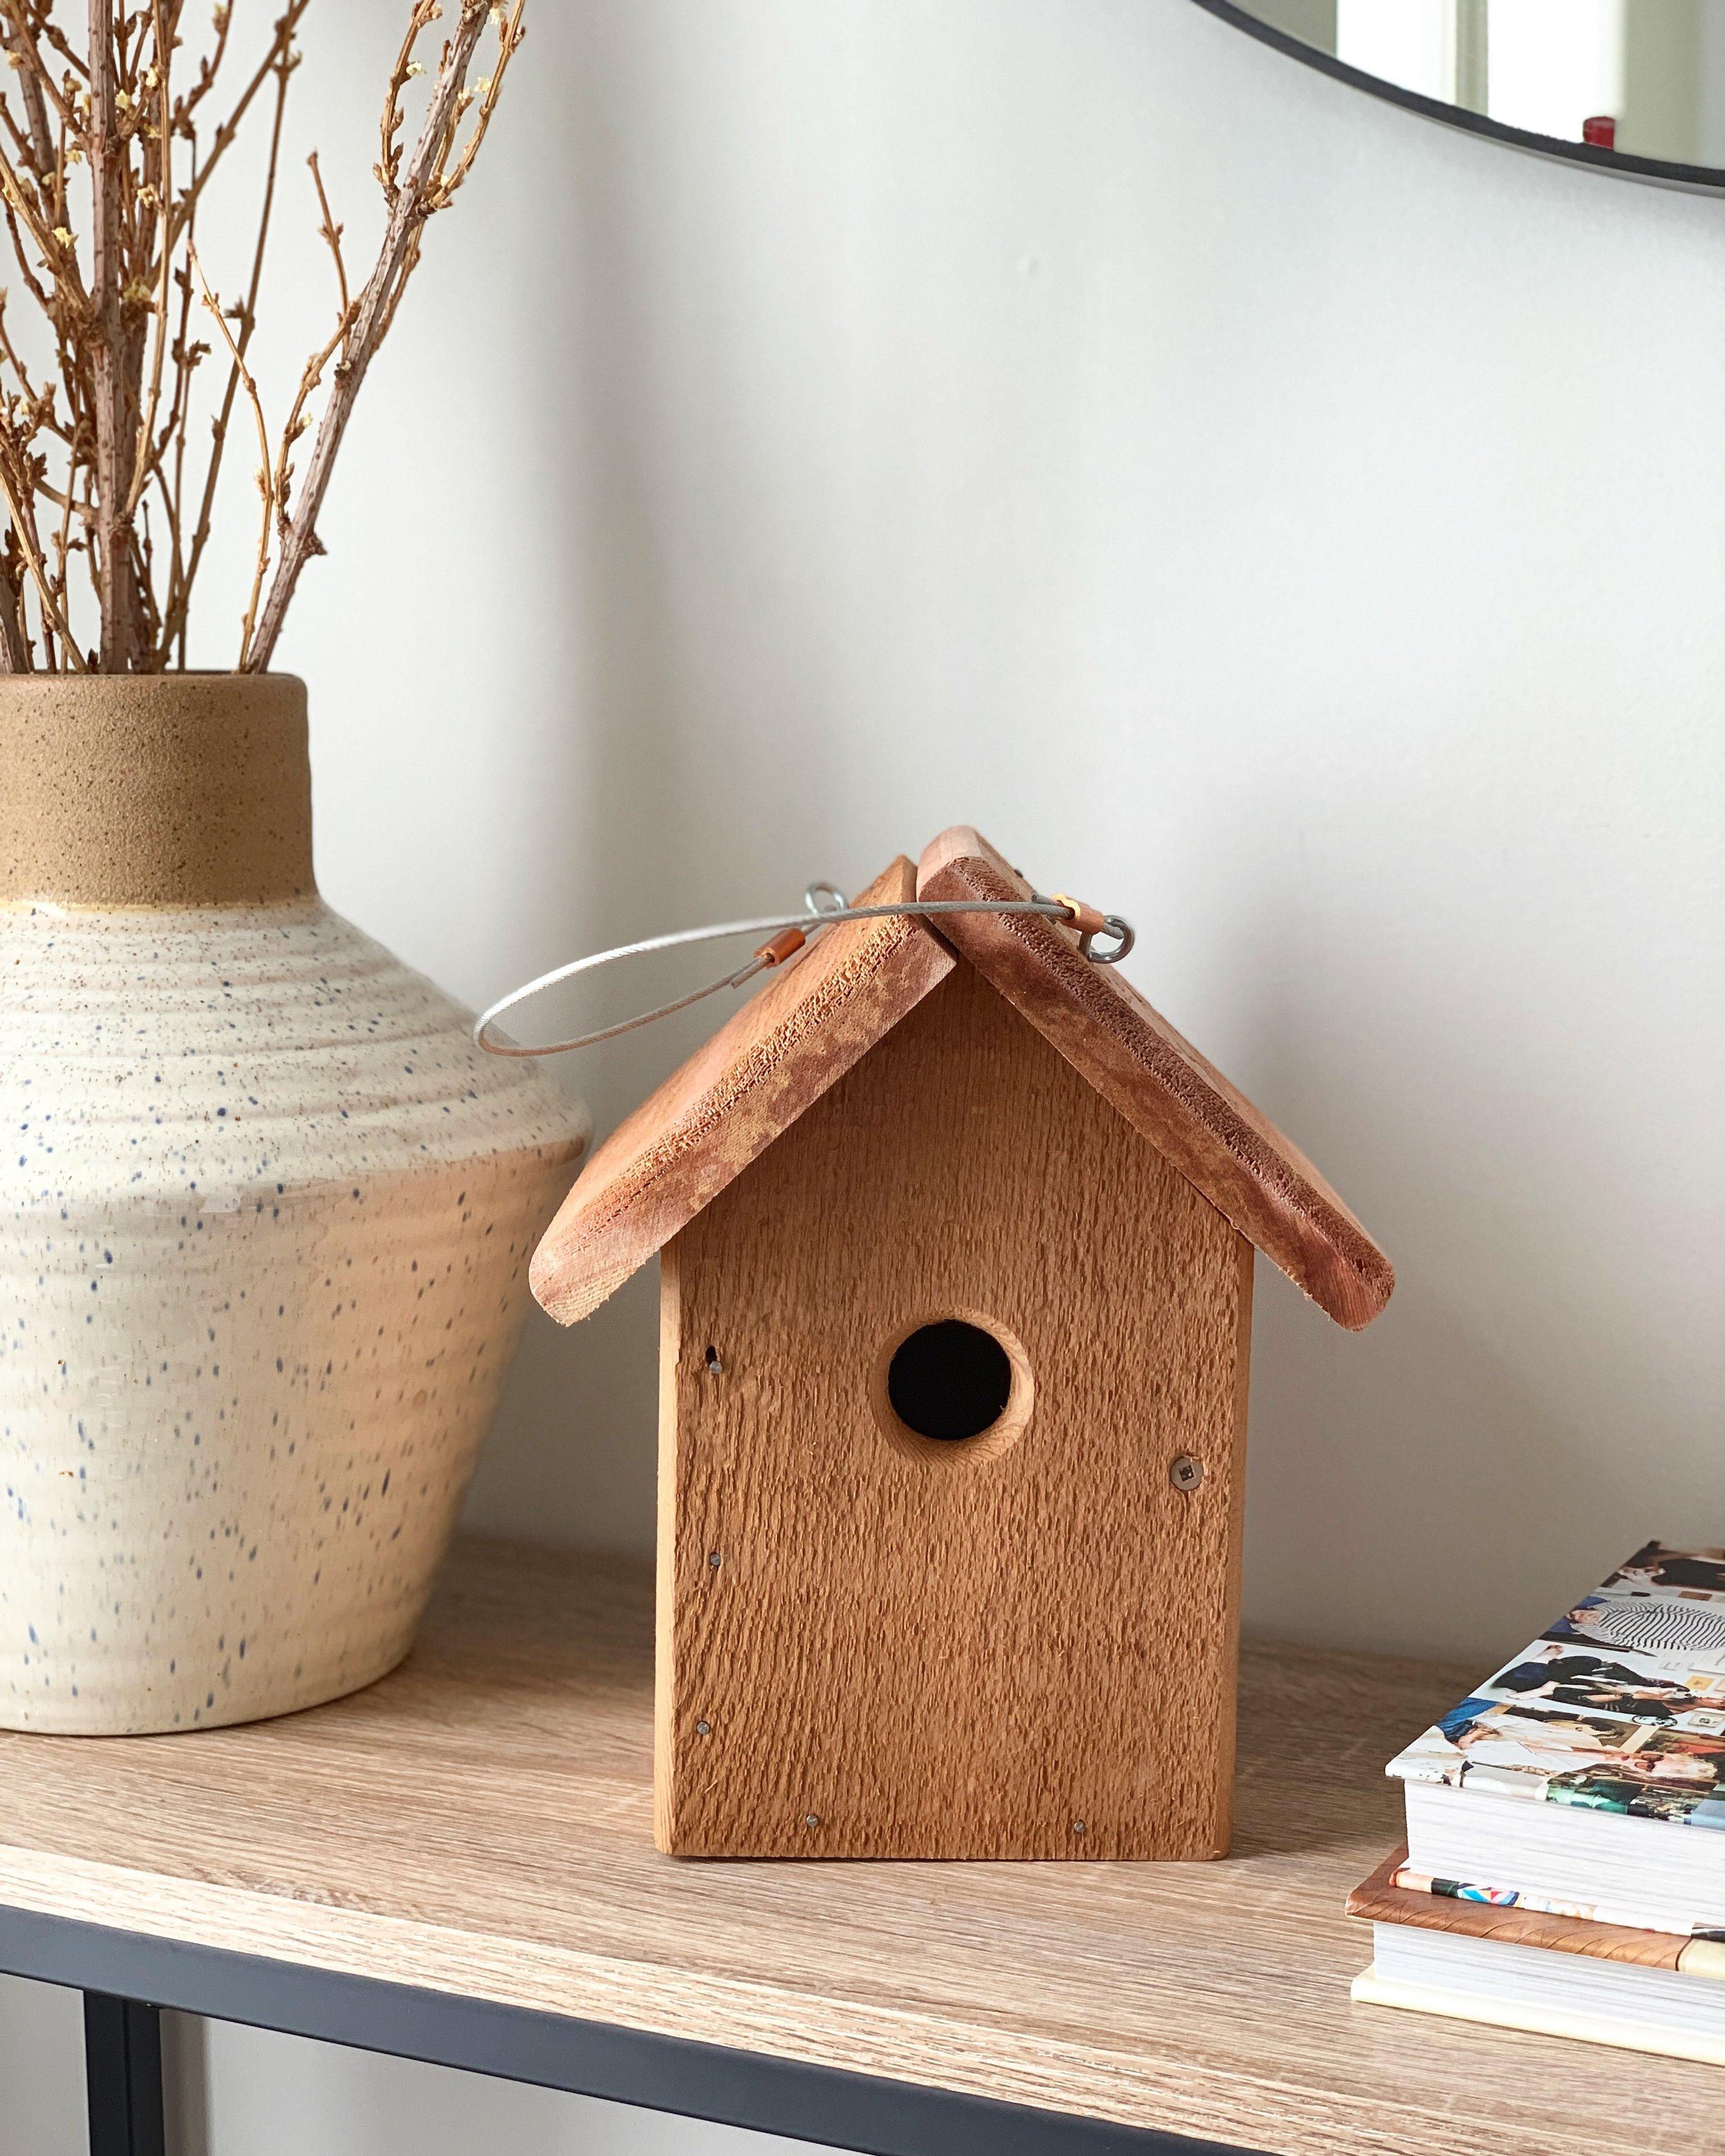 bird house tips #themostgivingcompany